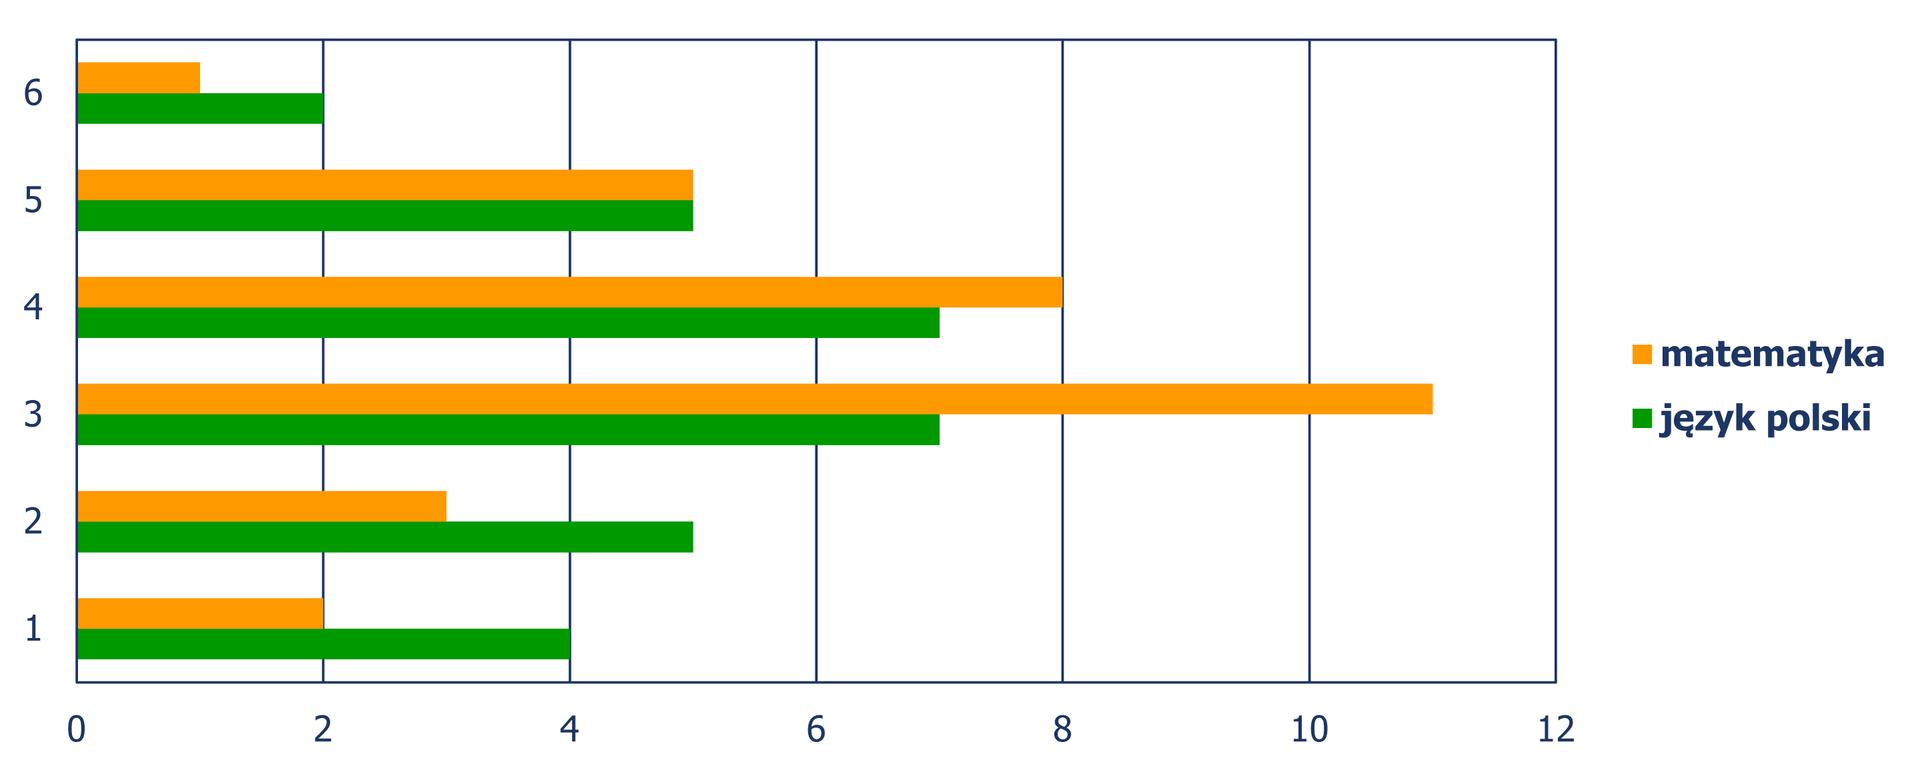 Diagram słupkowy poziomy (słupki ułożone poziomo), zktórego odczytujemy liczbę uczniów, wzależności od otrzymanej oceny ze sprawdzianu, wrozbiciu na matematykę ijęzyk polski. Matematyka Ocena 1 – 4 uczniów, ocena 2 – 3 uczniów, ocena 3 – 11 uczniów, ocena 4 – 8 uczniów, ocena 5 – 5 uczniów, ocena 6 – 1 uczeń. Język polski Ocena 1 – 4 uczniów, ocena 2 – 5 uczniów, ocena 3 – 7 uczniów, ocena 4 – 7 uczniów, ocena 5 – 5 uczniów, ocena 6 – 2 uczeń.